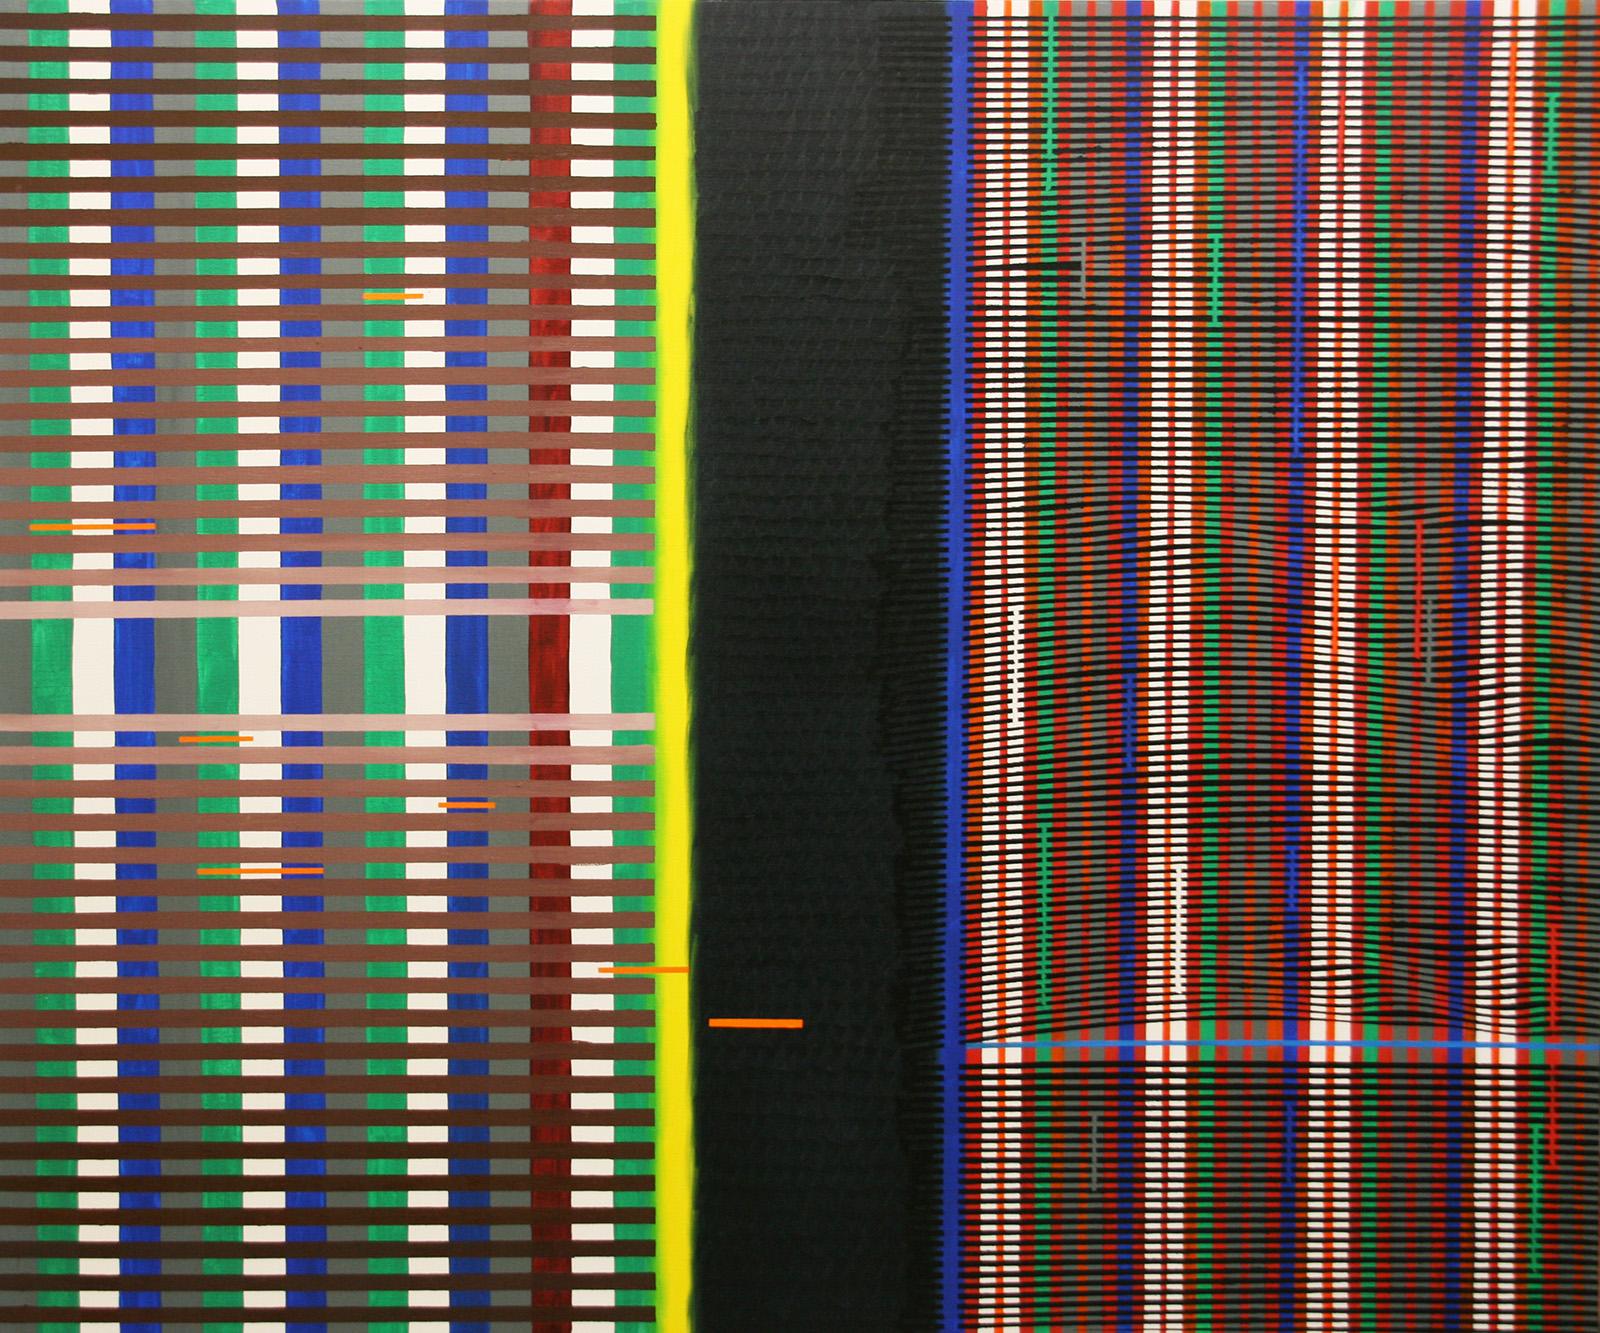 Solo -oil on canvas 162 x 195 cm- 2016 Miquel Gelabert